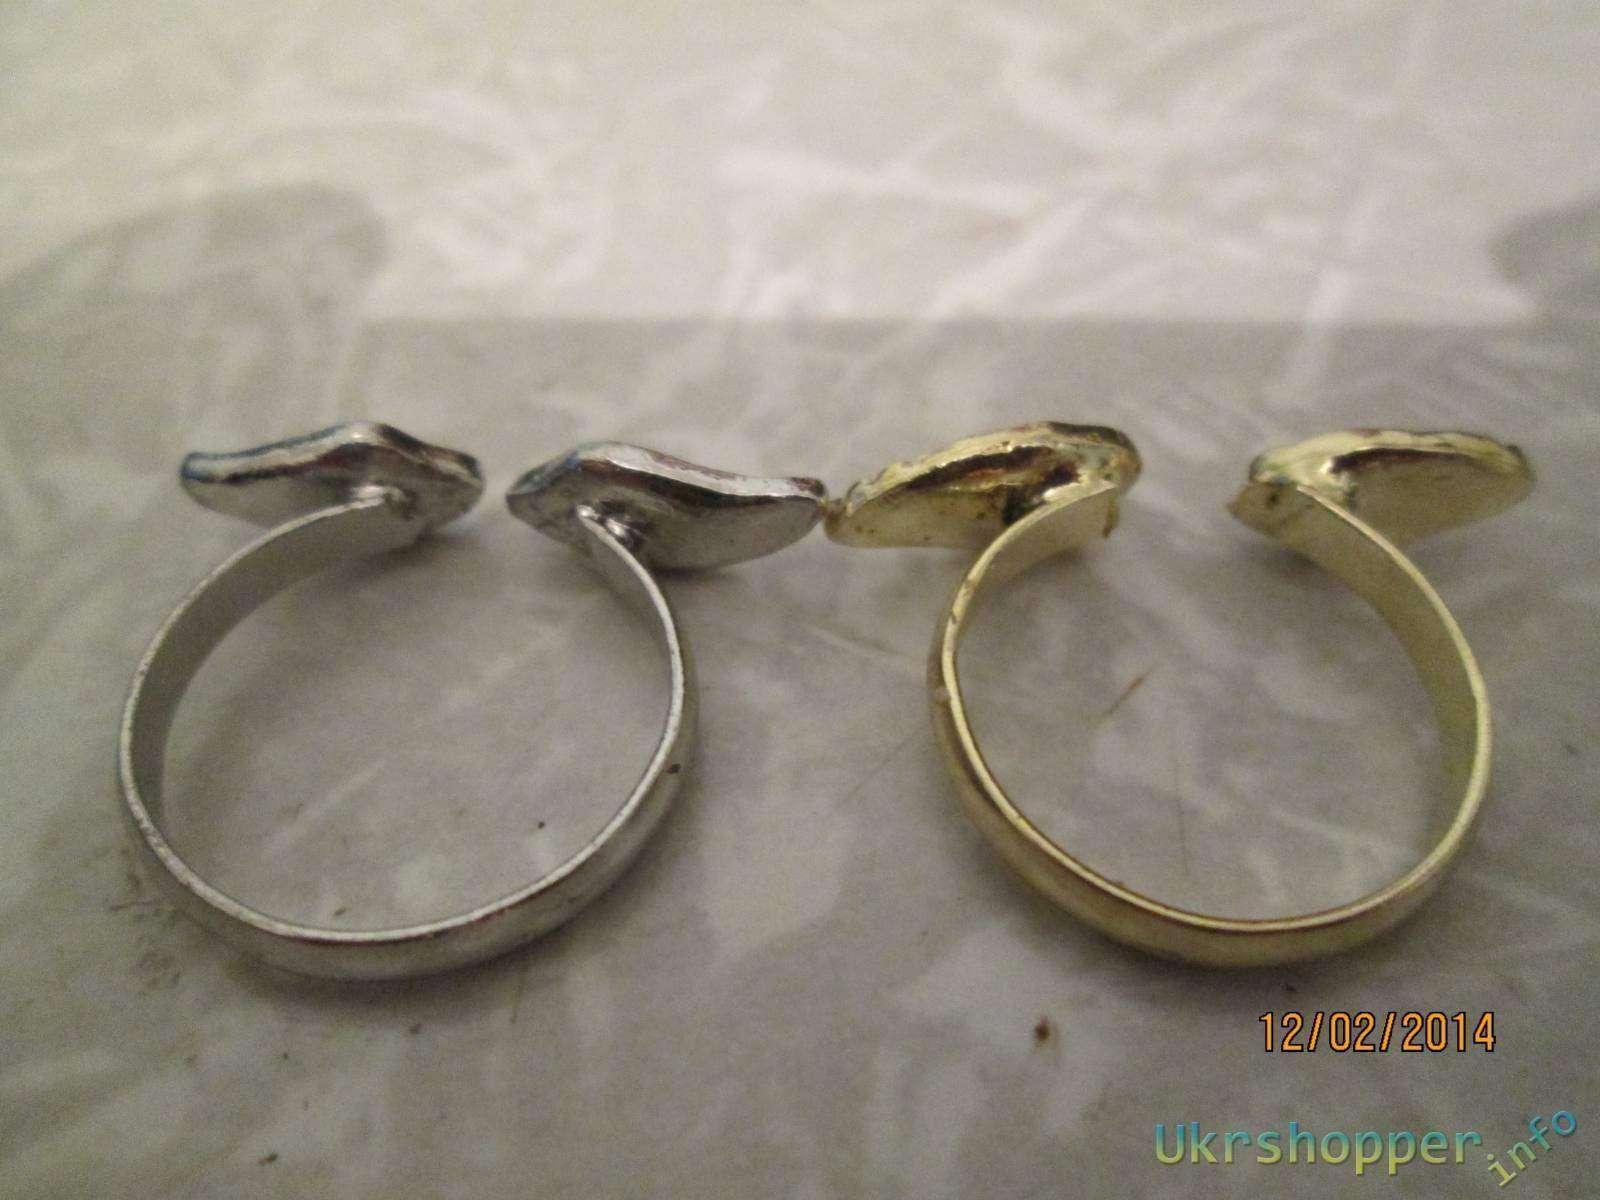 Ebay: Жадно так глотает Солнце два серебряных крыла...